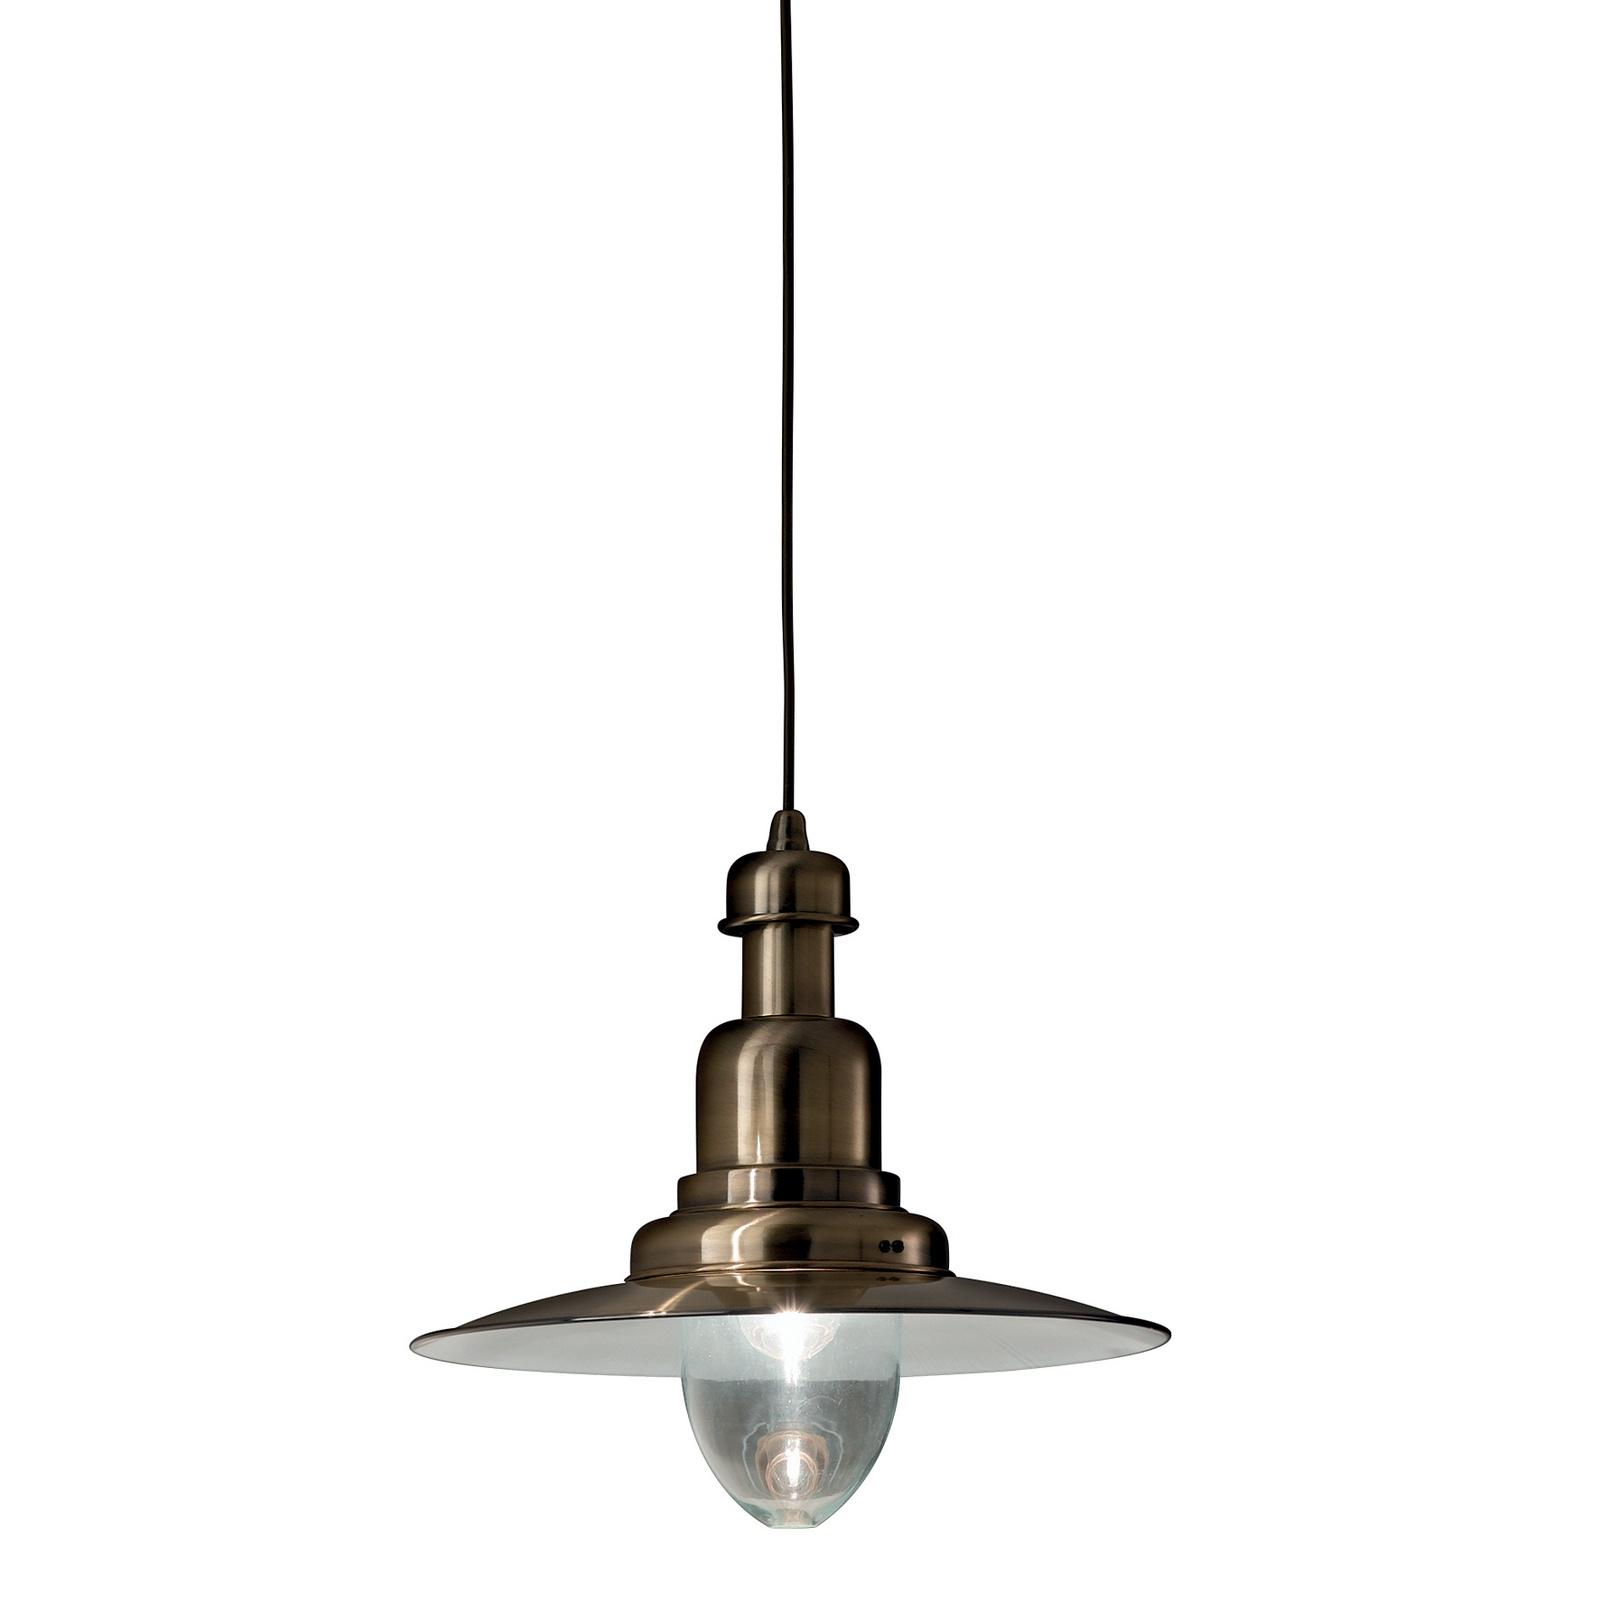 Подвесной светильник Ideal Lux SP1 BRUNITO